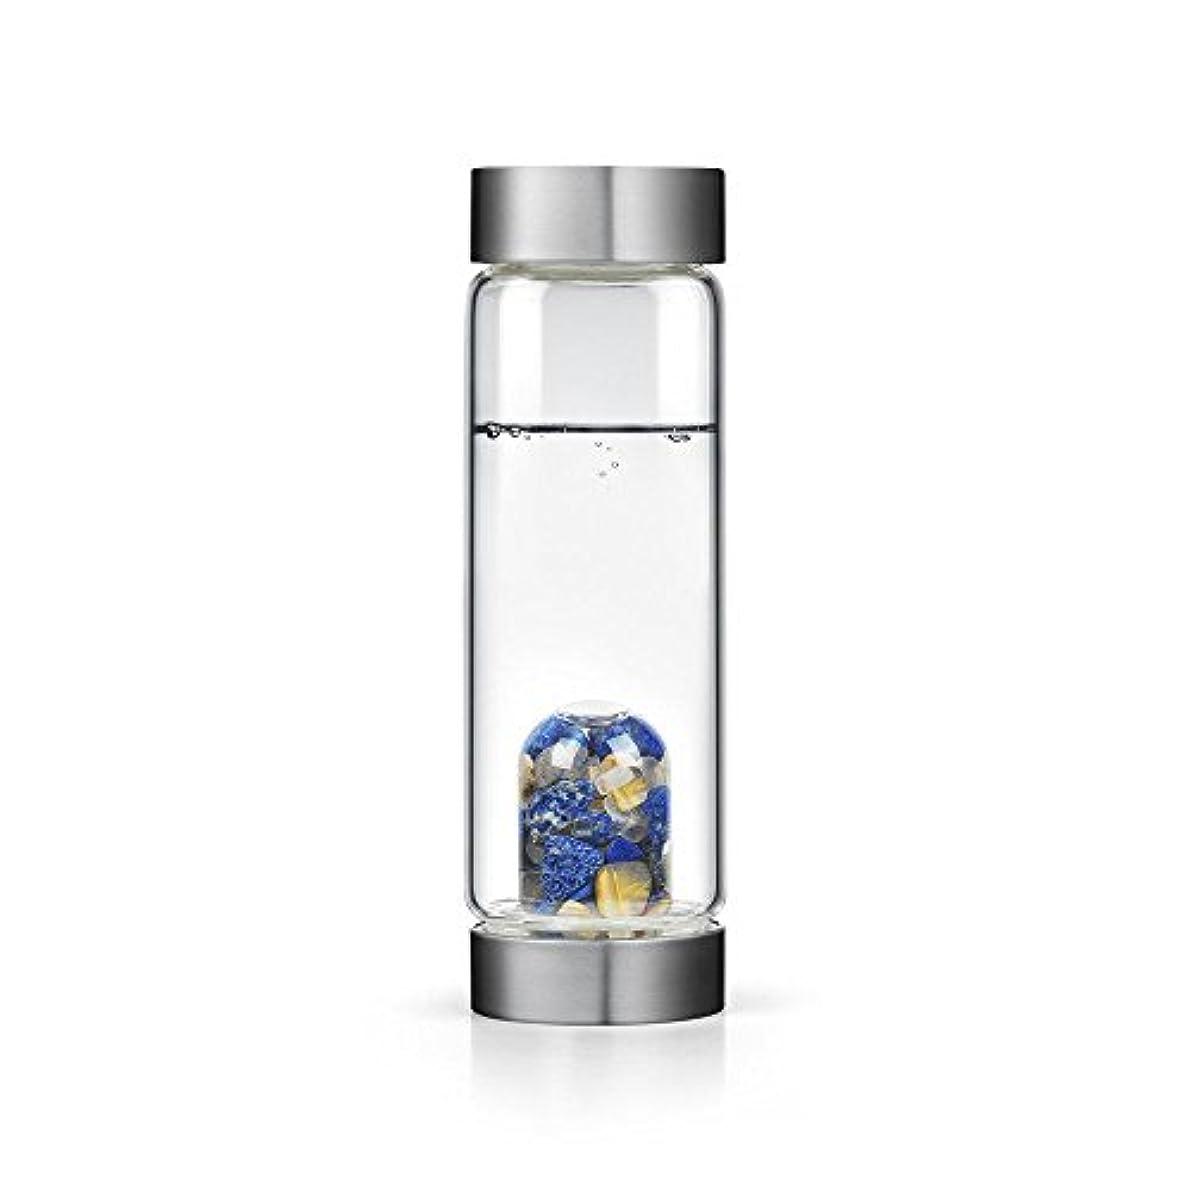 フラップ確保する特徴インスピレーションgem-waterボトルby VitaJuwel W / Freeカリフォルニアホワイトセージバンドル 16.9 fl oz